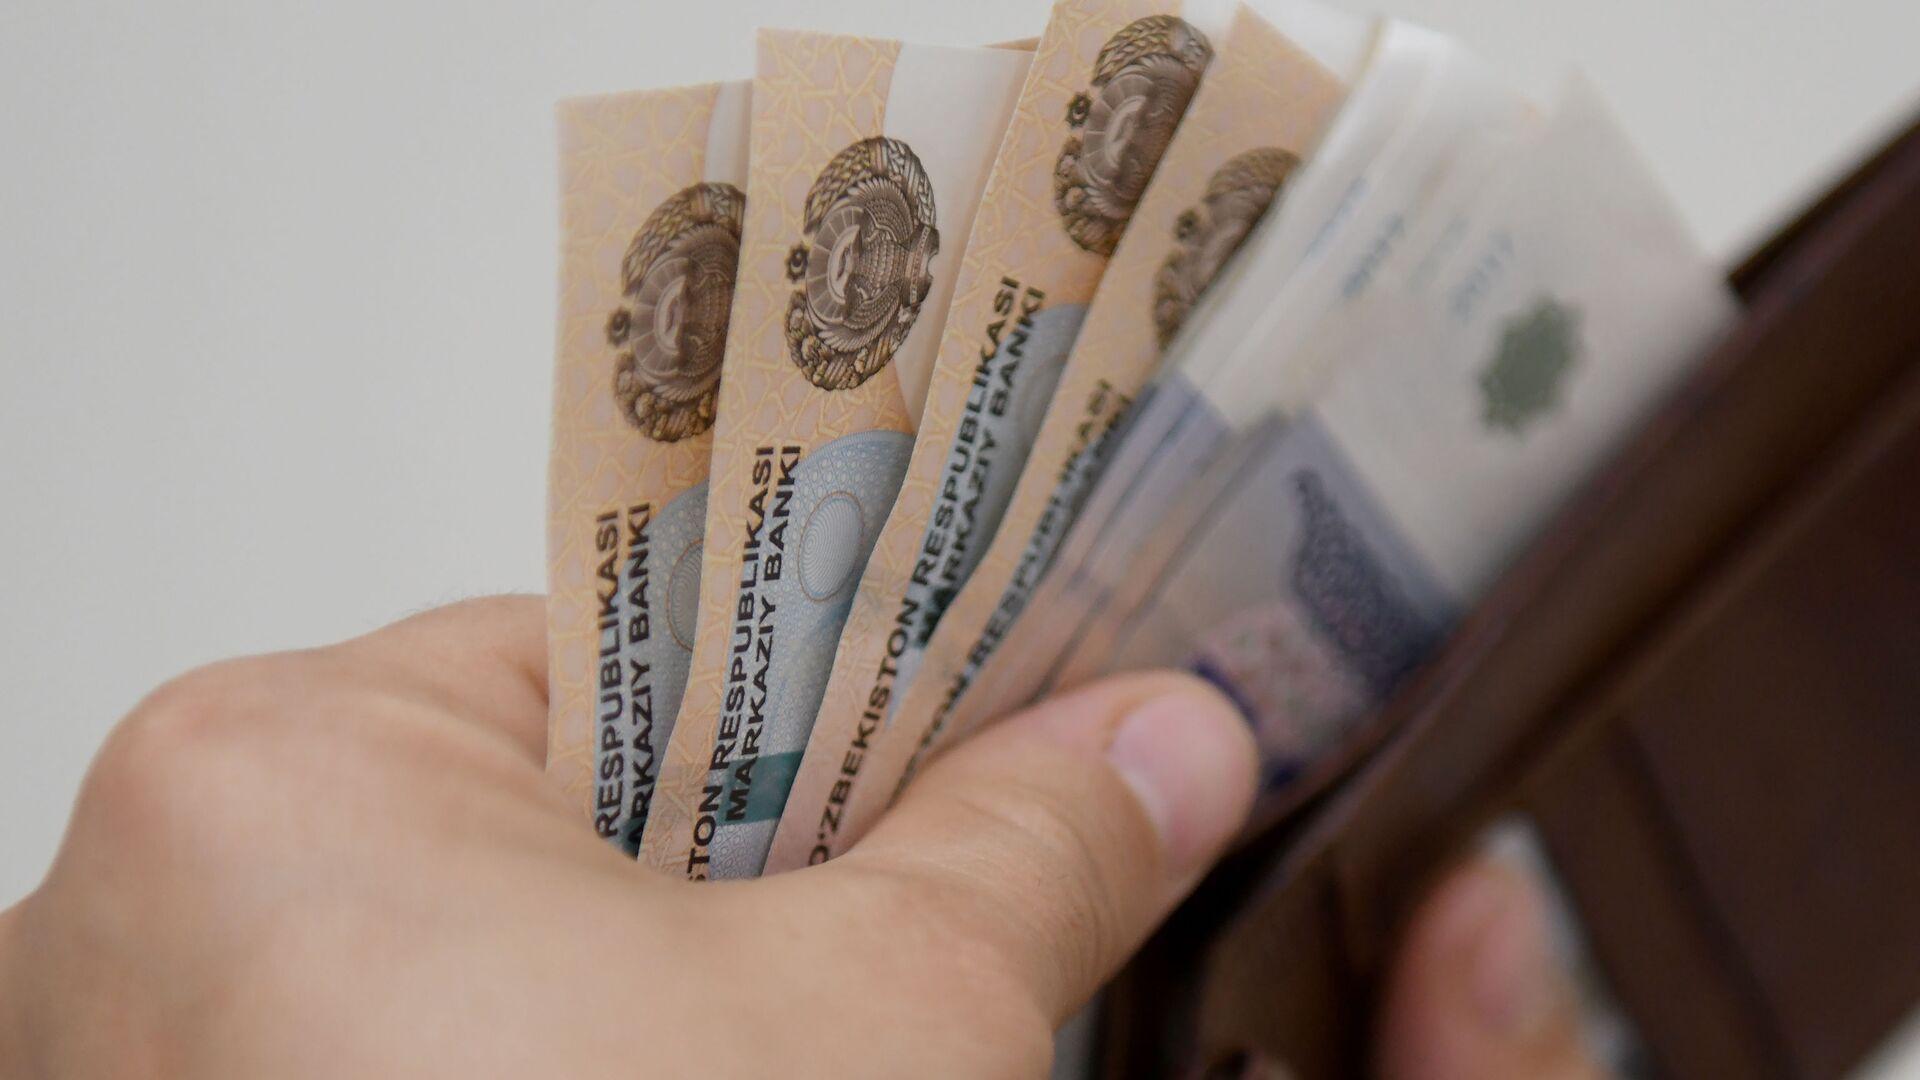 Национальная валюта Узбекистана — сум - Sputnik Узбекистан, 1920, 28.06.2021